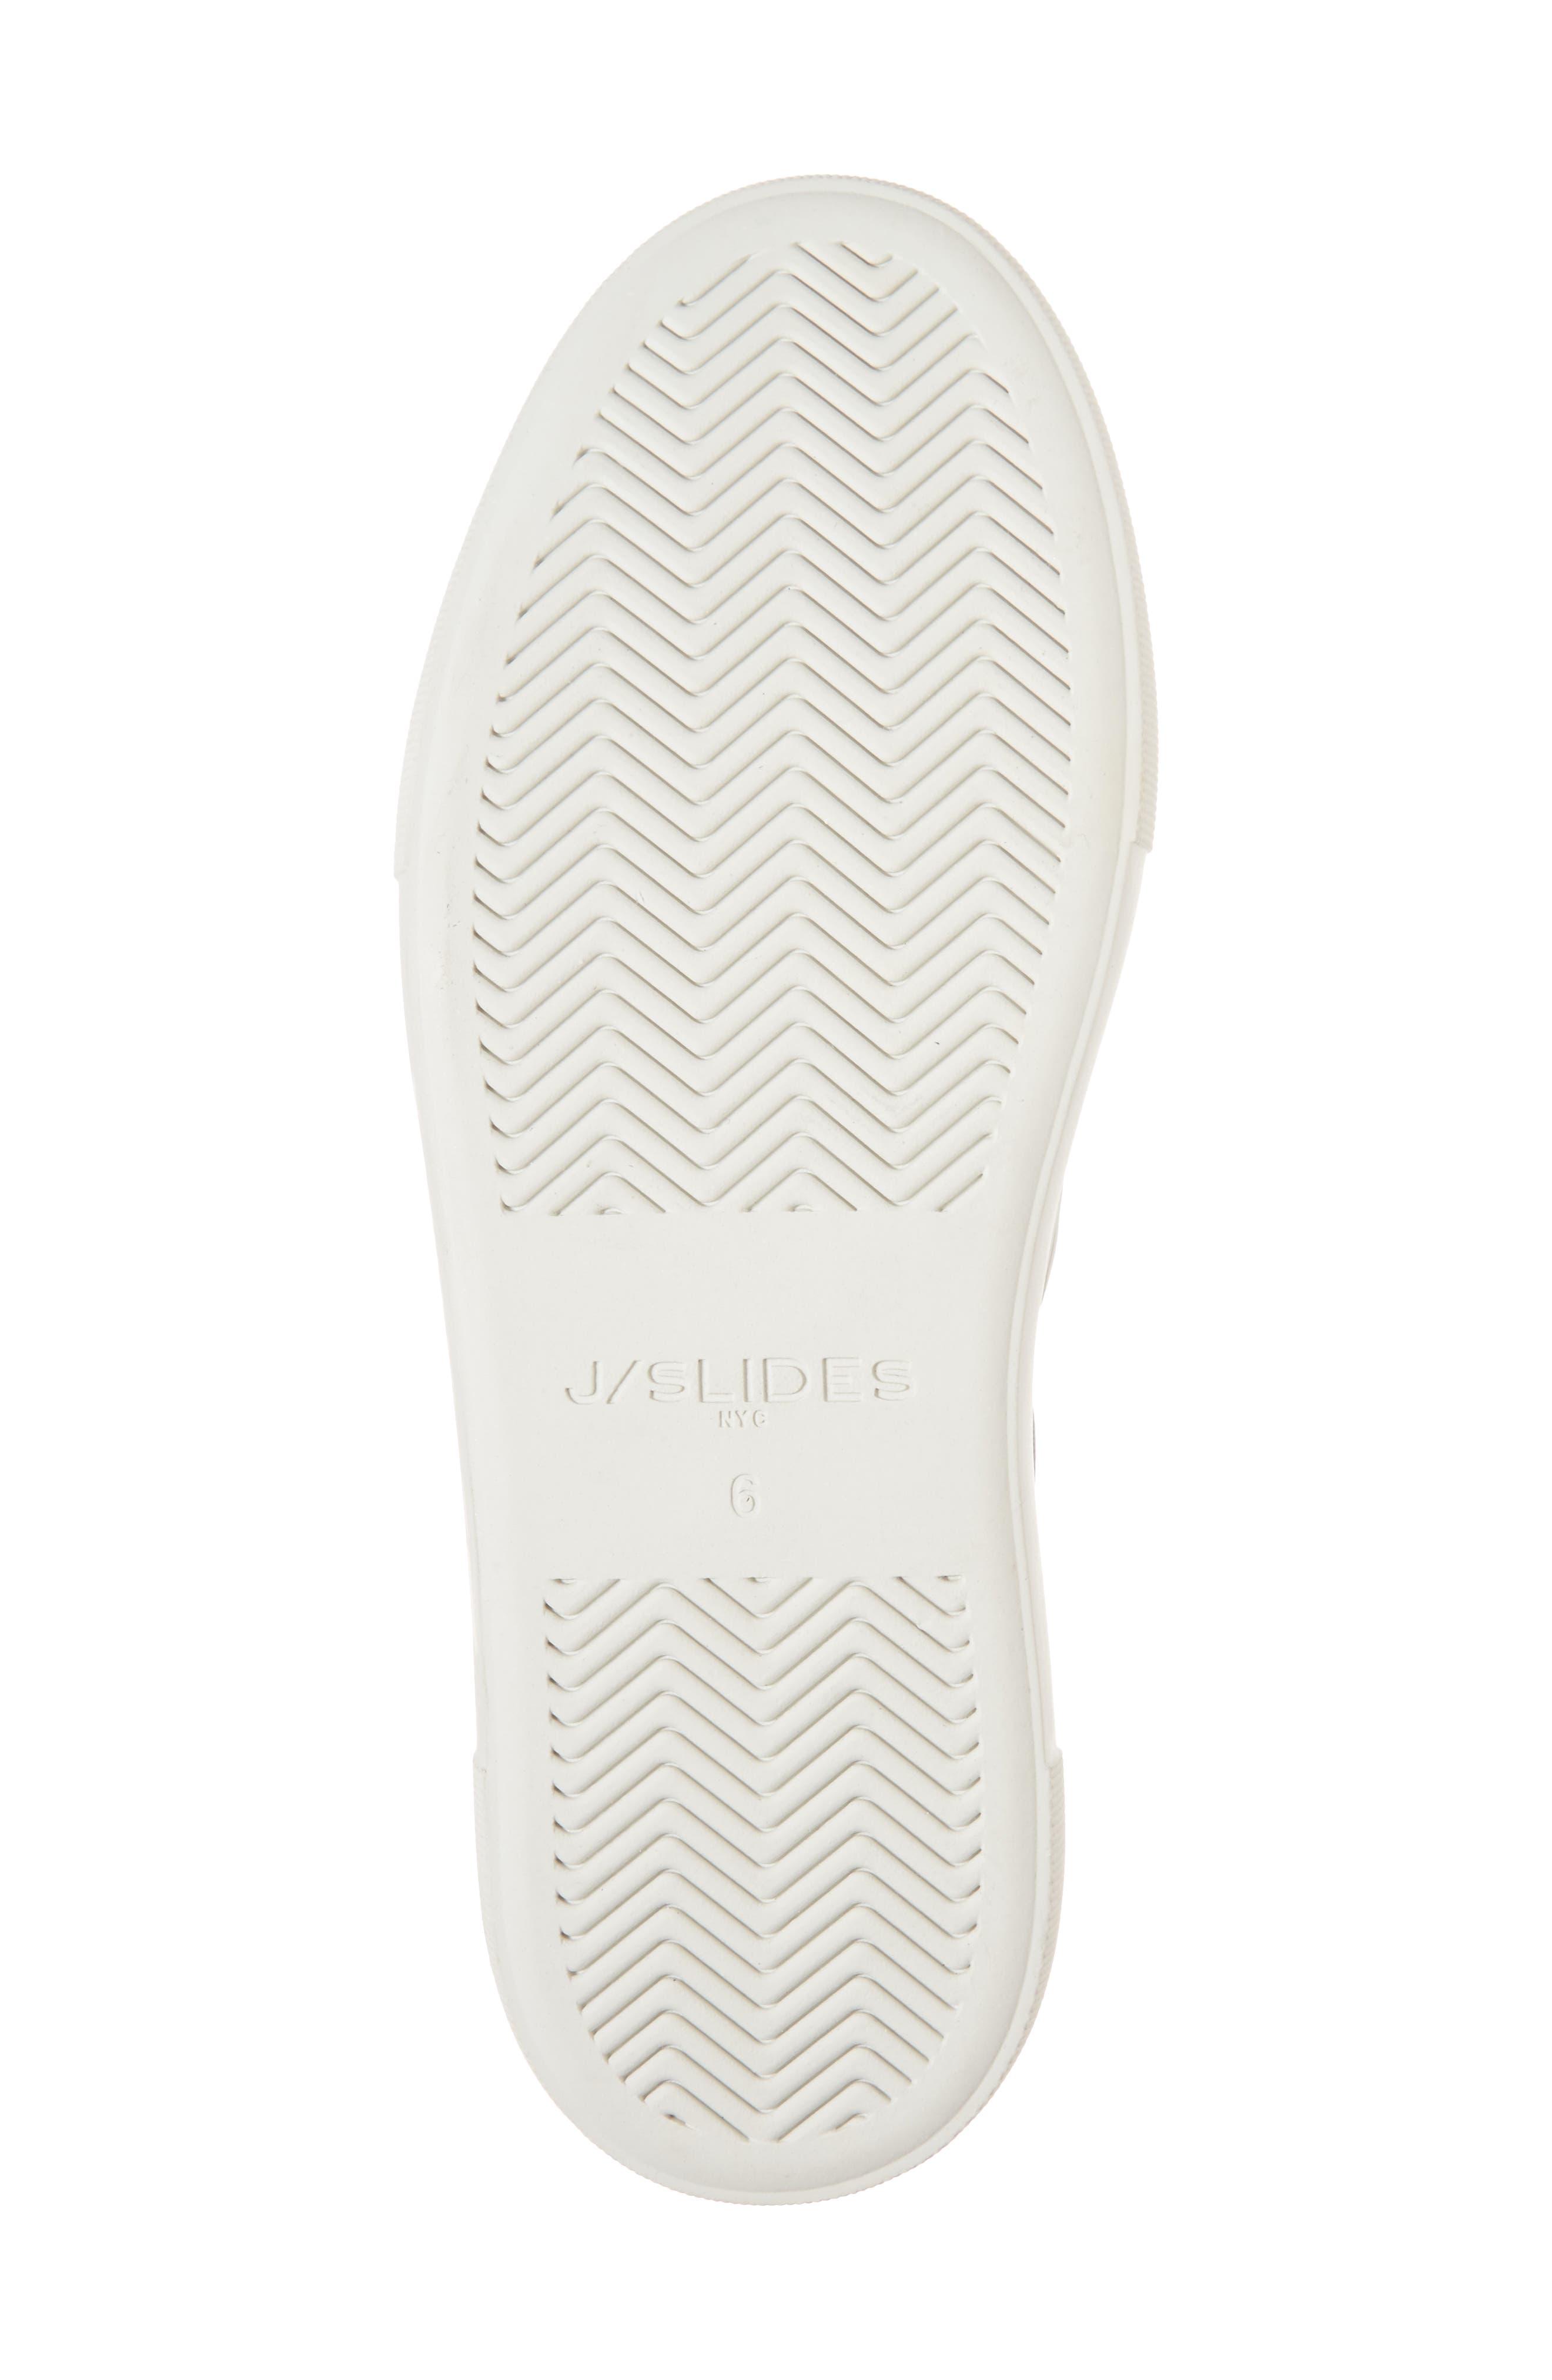 AZT Studded Slip-On Sneaker,                             Alternate thumbnail 6, color,                             Bronze Leather